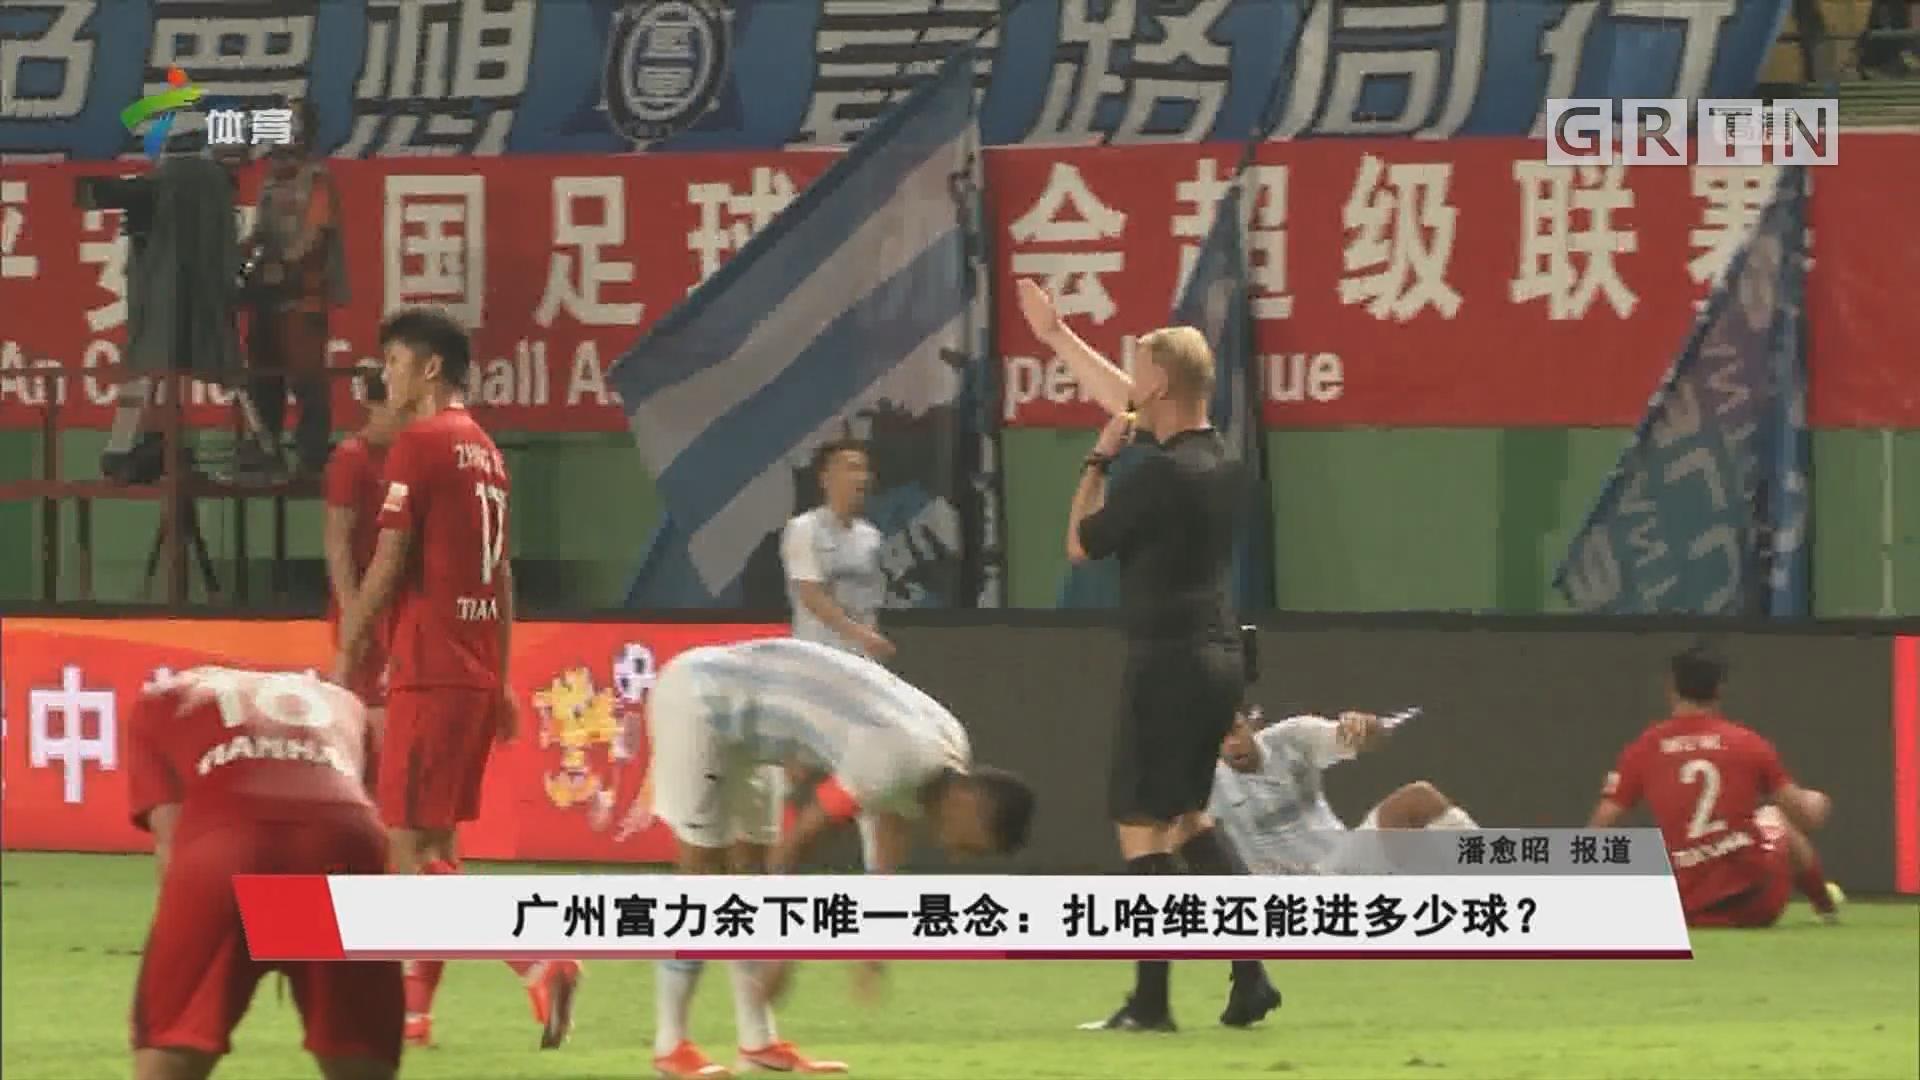 广州富力余下唯一悬念:扎哈维还能进多少球?